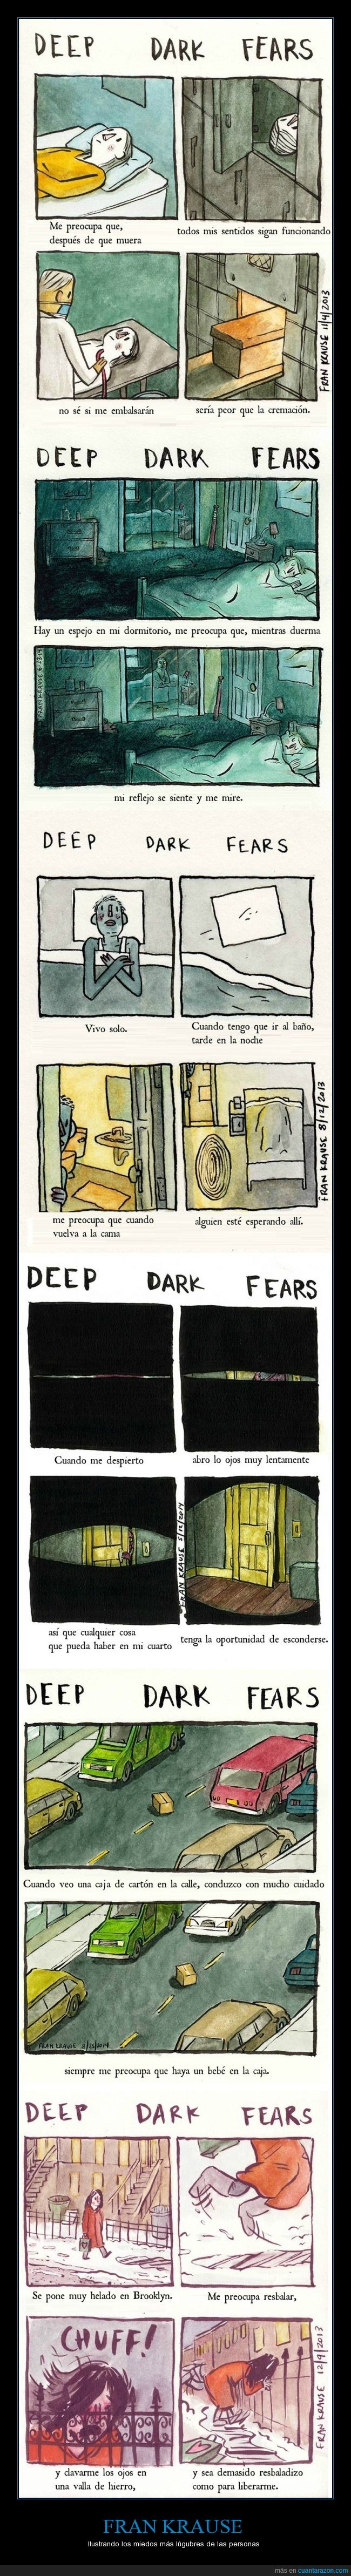 accidentes,Frank Krause,ilustraciones,miedo,miedos profundos,monstruos,traumas,¡mi miedo es que algo me agarre el pie bajo la cama!